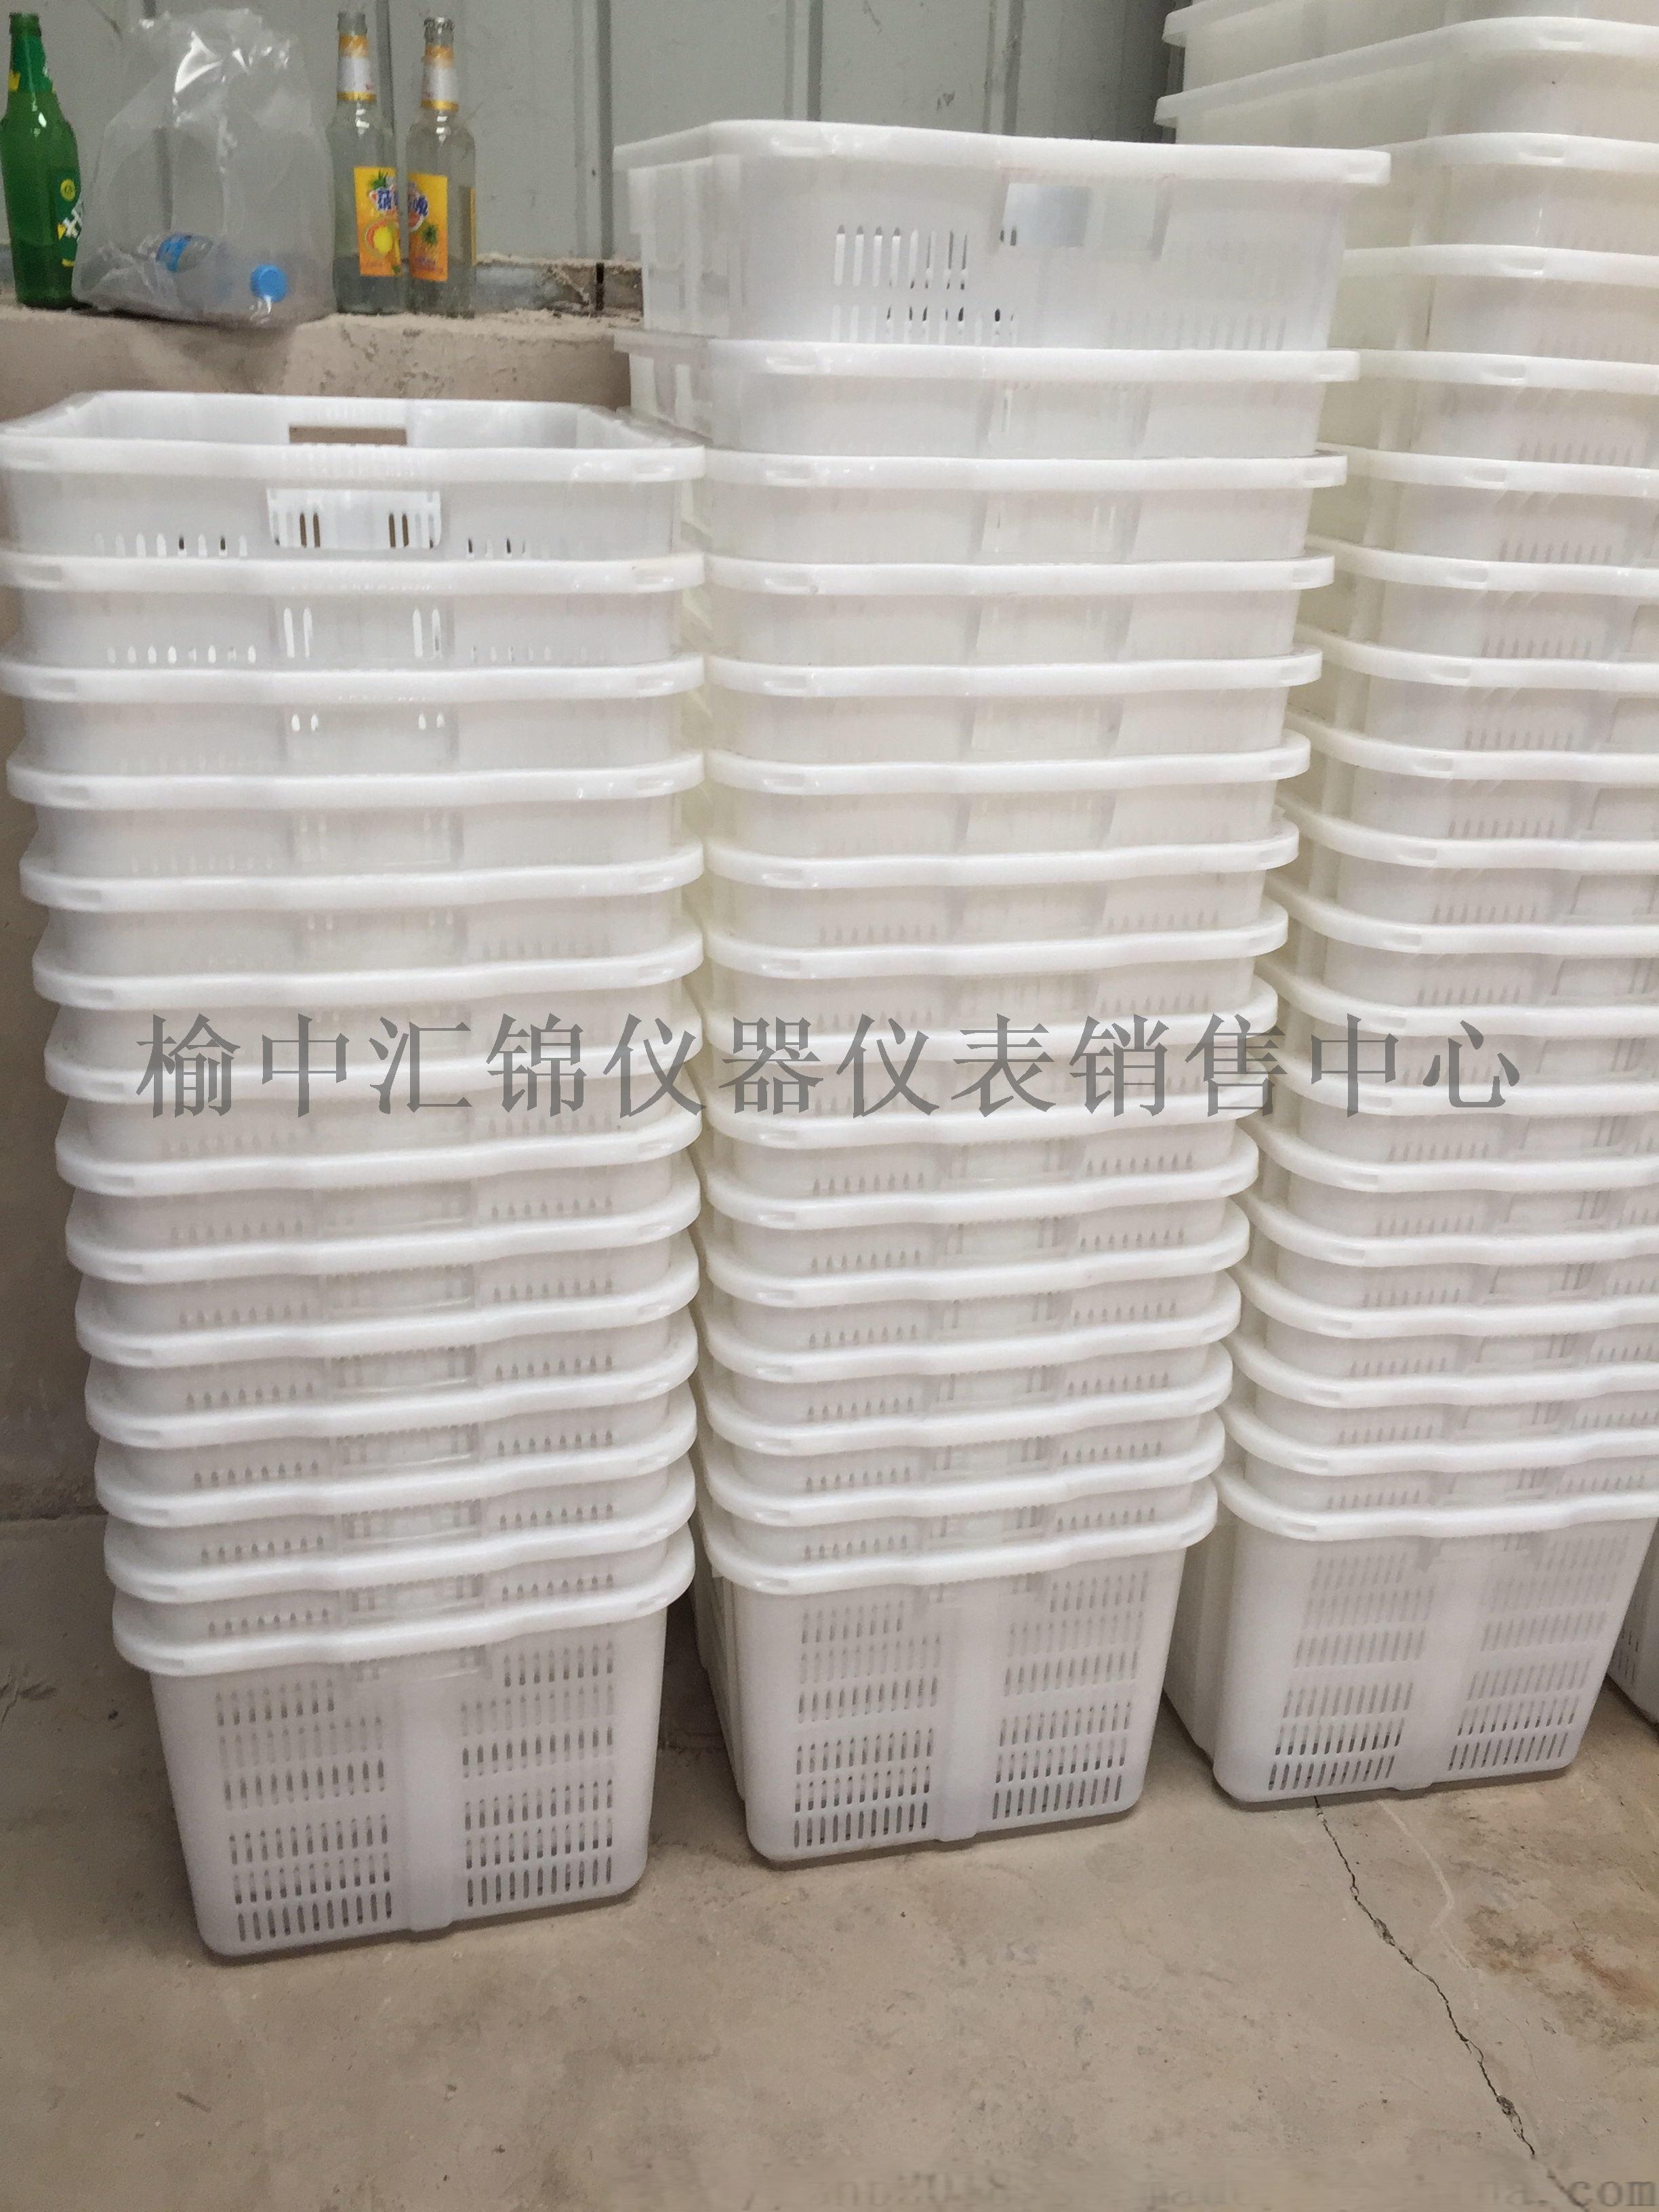 兰州塑料托盘兰州塑料框13919031250114853675